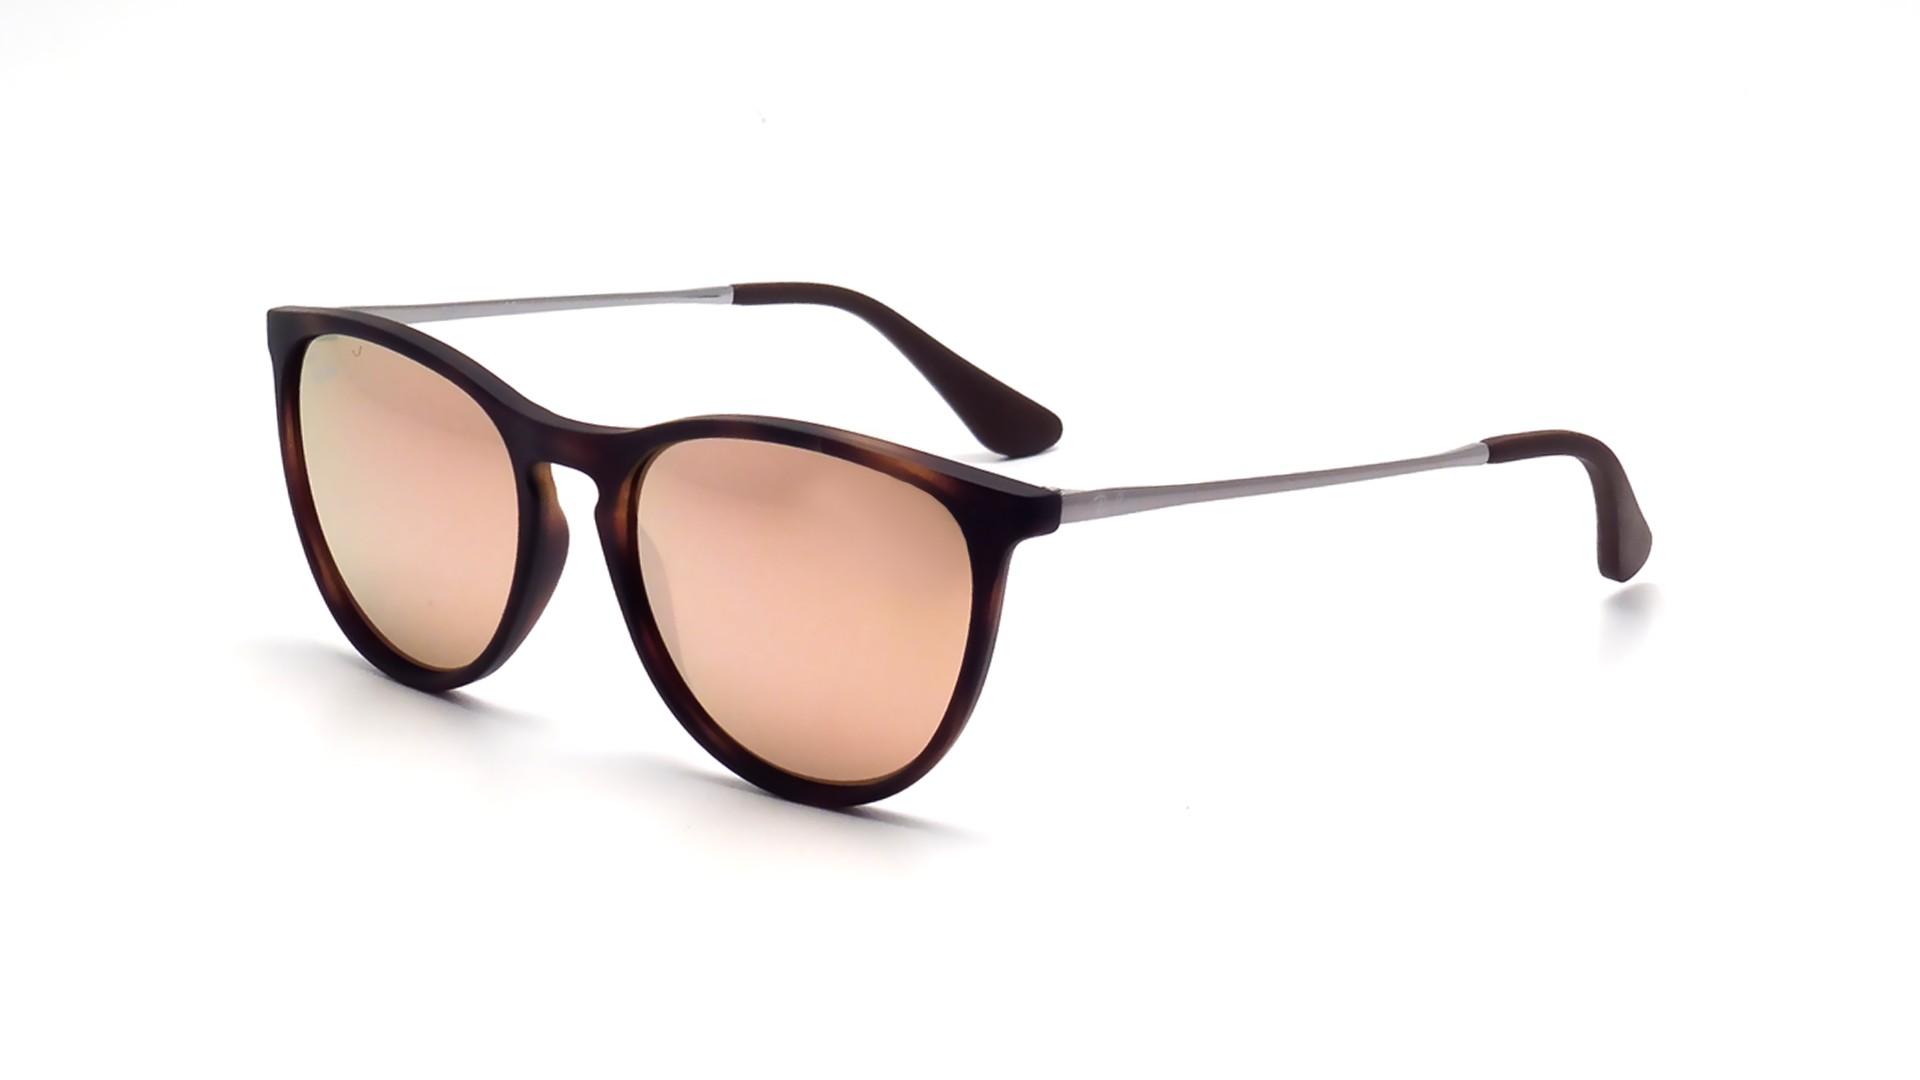 lunettes ray ban femme erika